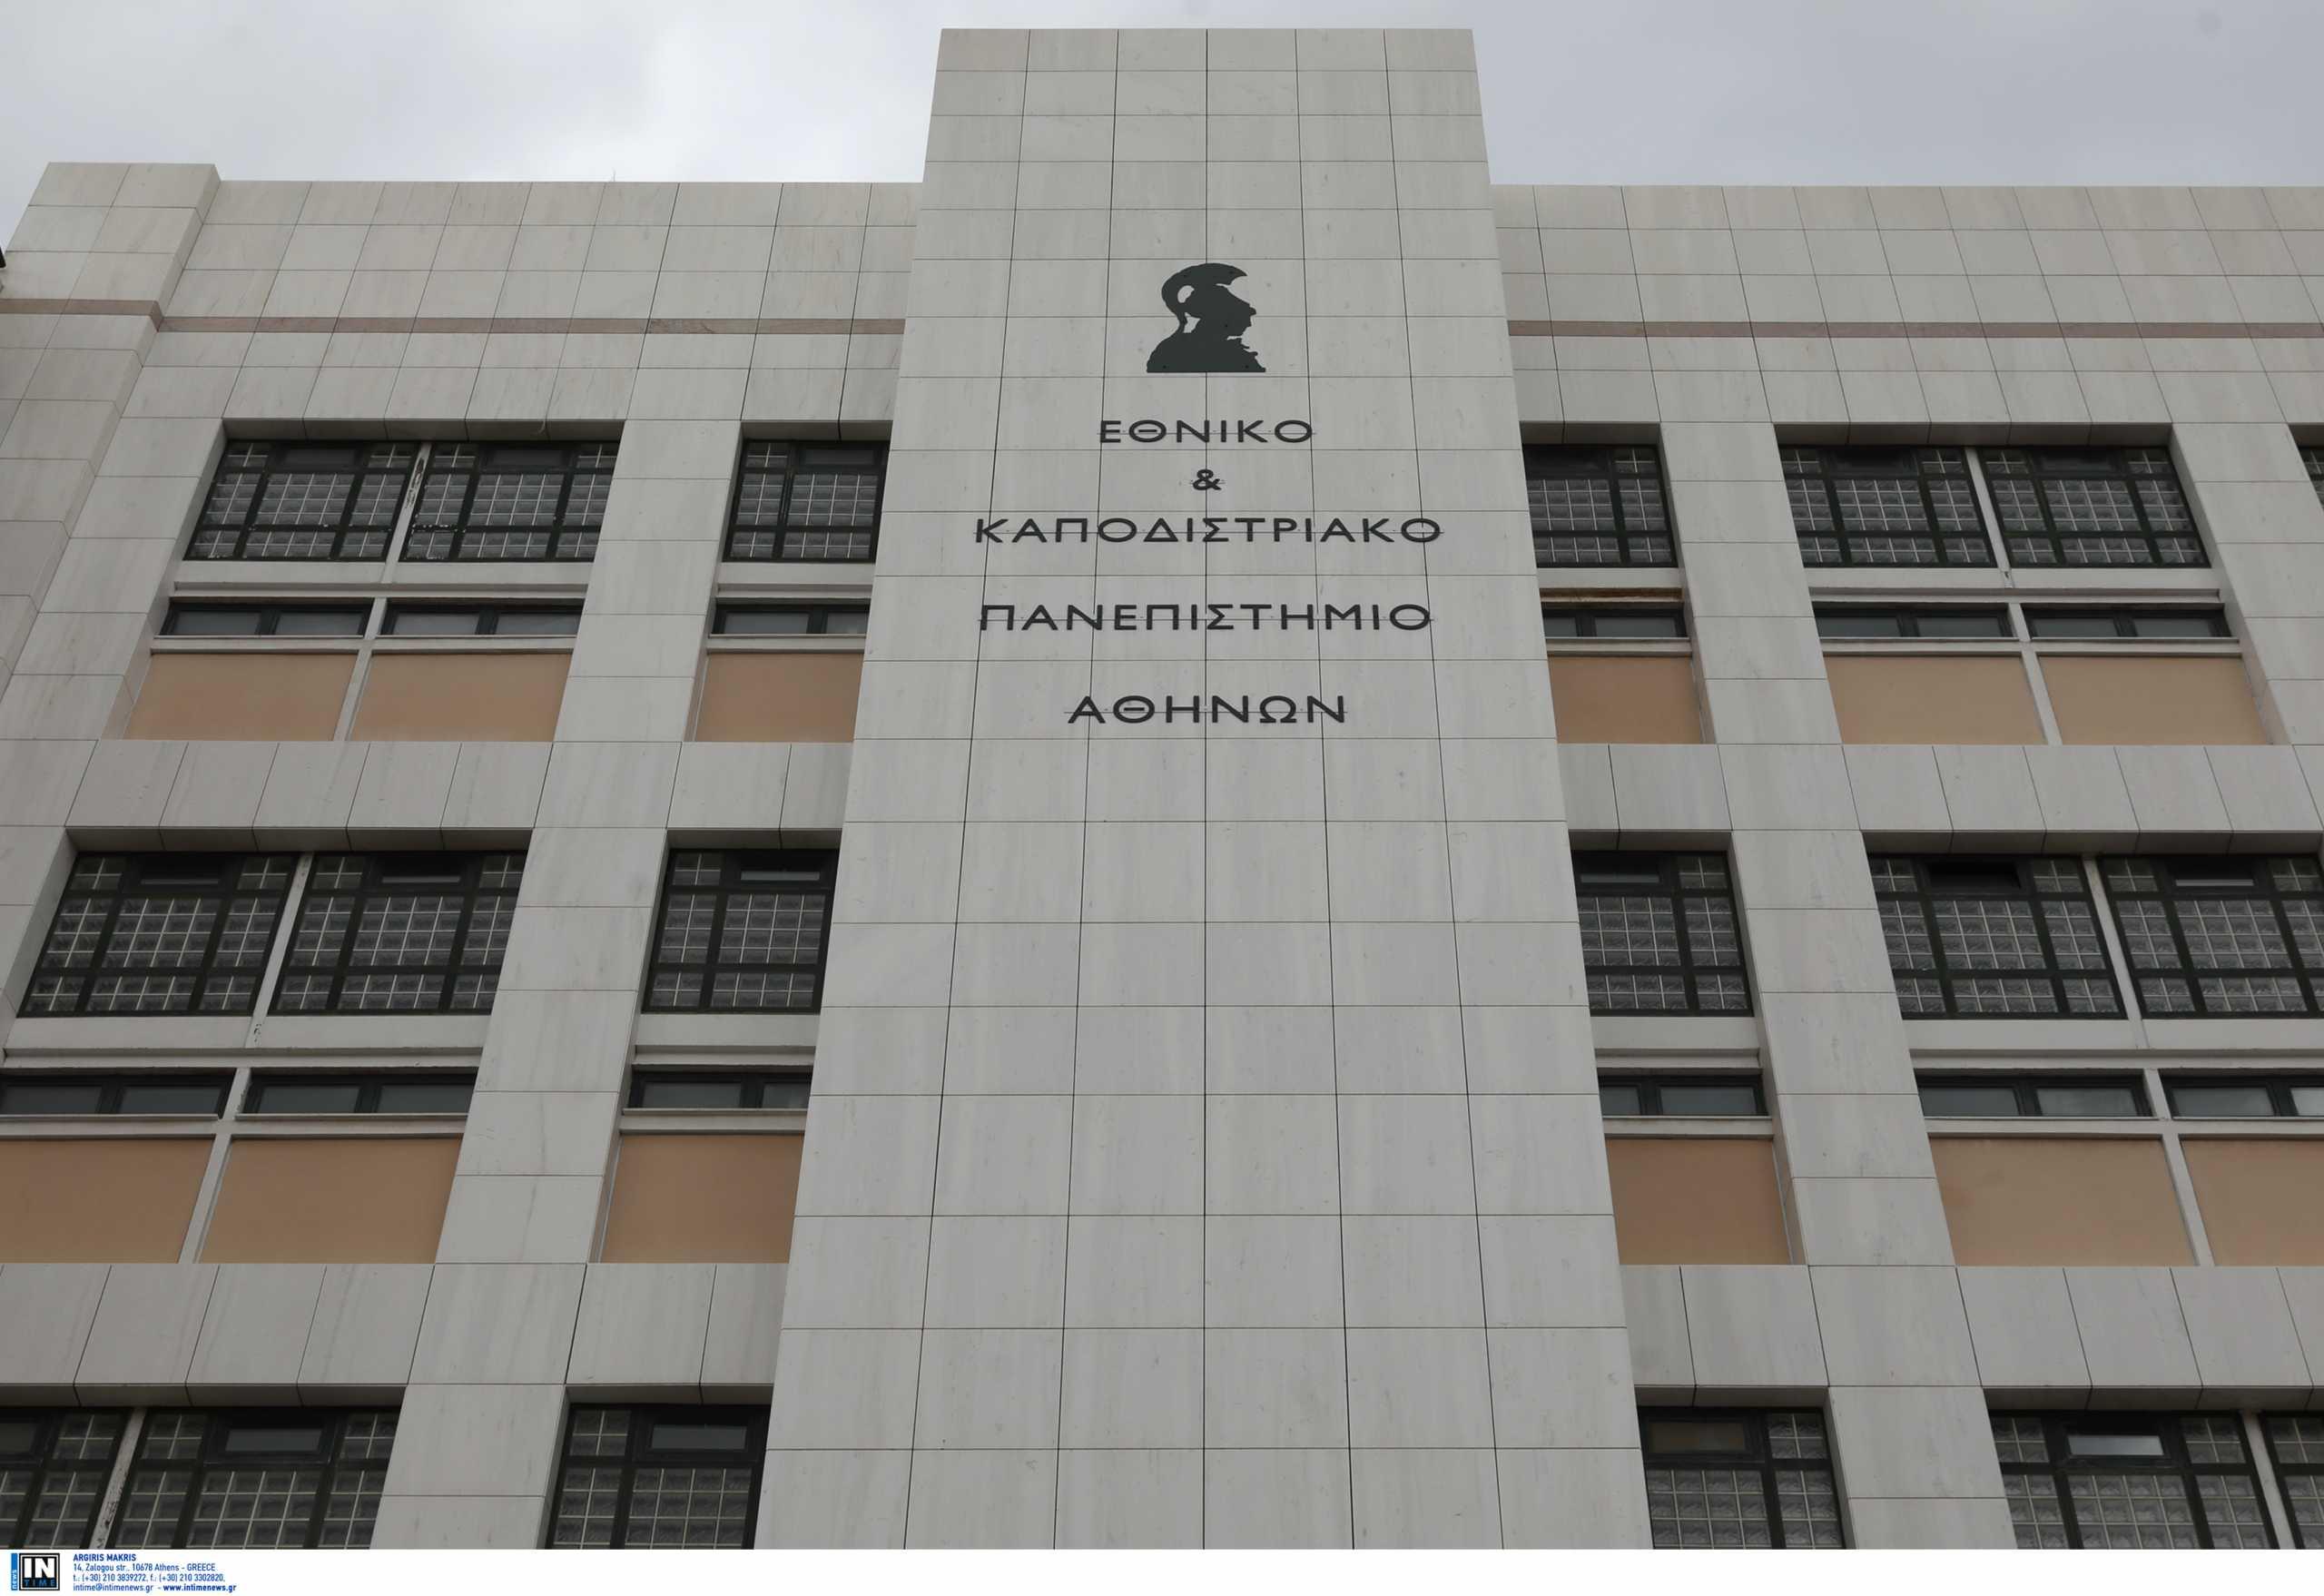 Το ΕΚΠΑ ανακοίνωσε μέτρα για τη δια ζώσης εκπαιδευτική διαδικασία και τον εμβολιασμό